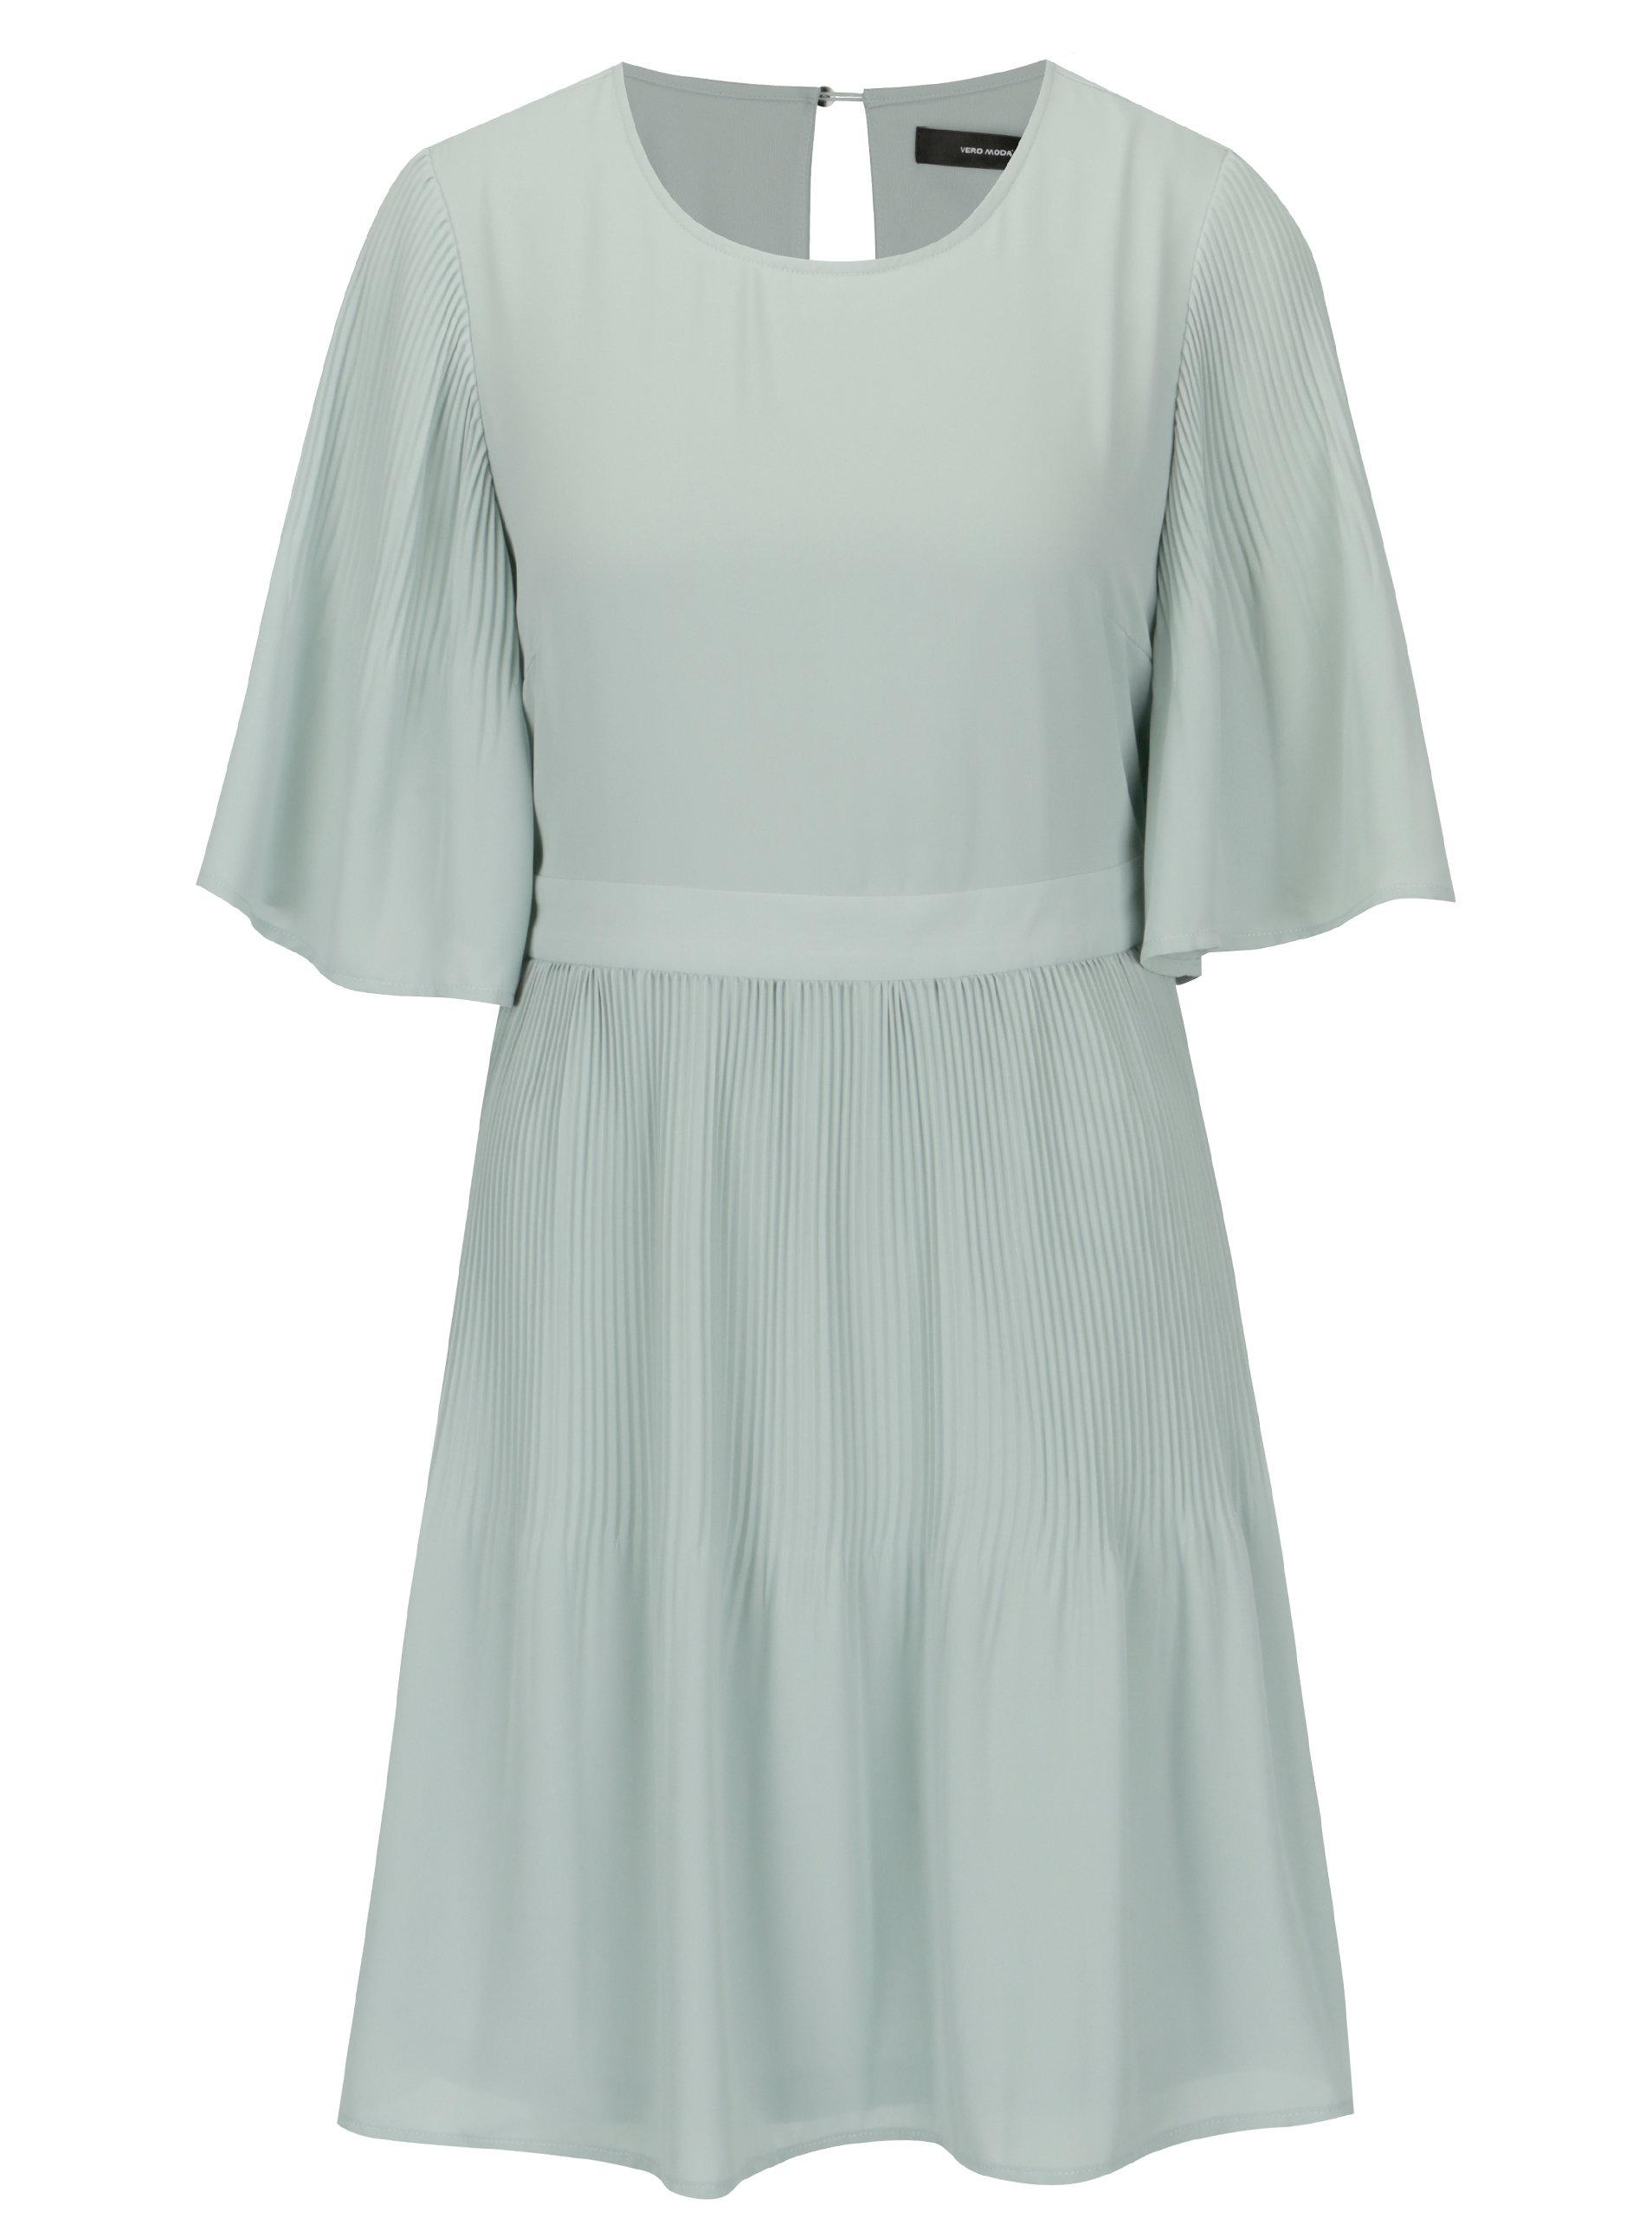 27f4b83bf46b Svetlozelené šaty s 3 4 rukávom VERO MODA Amanda ...